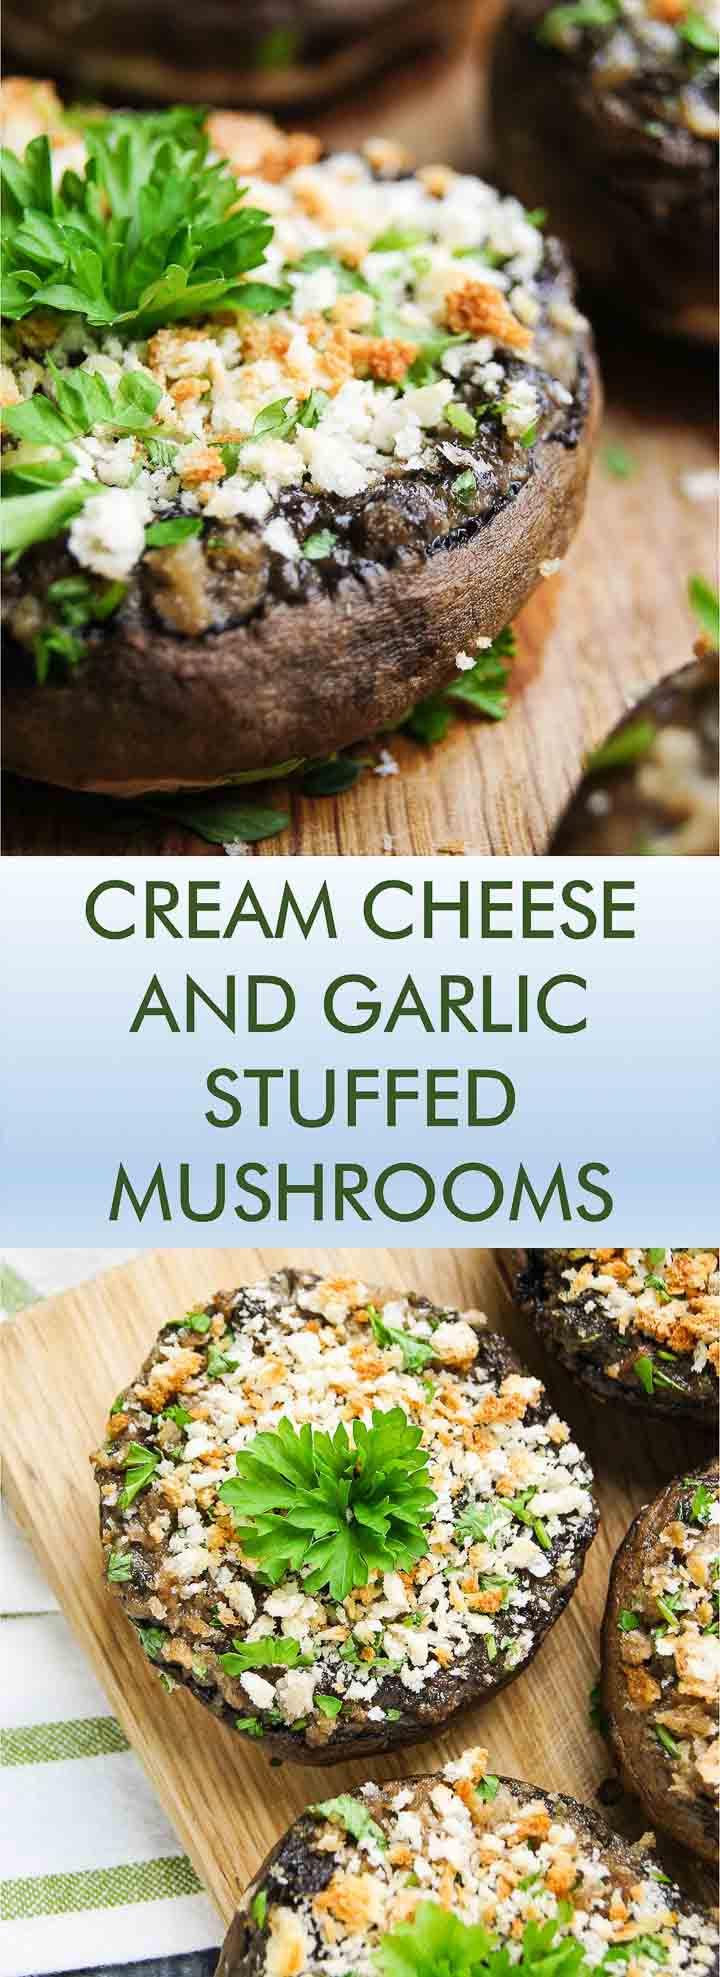 Cream Cheese Mushrooms  CREAM CHEESE AND GARLIC STUFFED MUSHROOMS